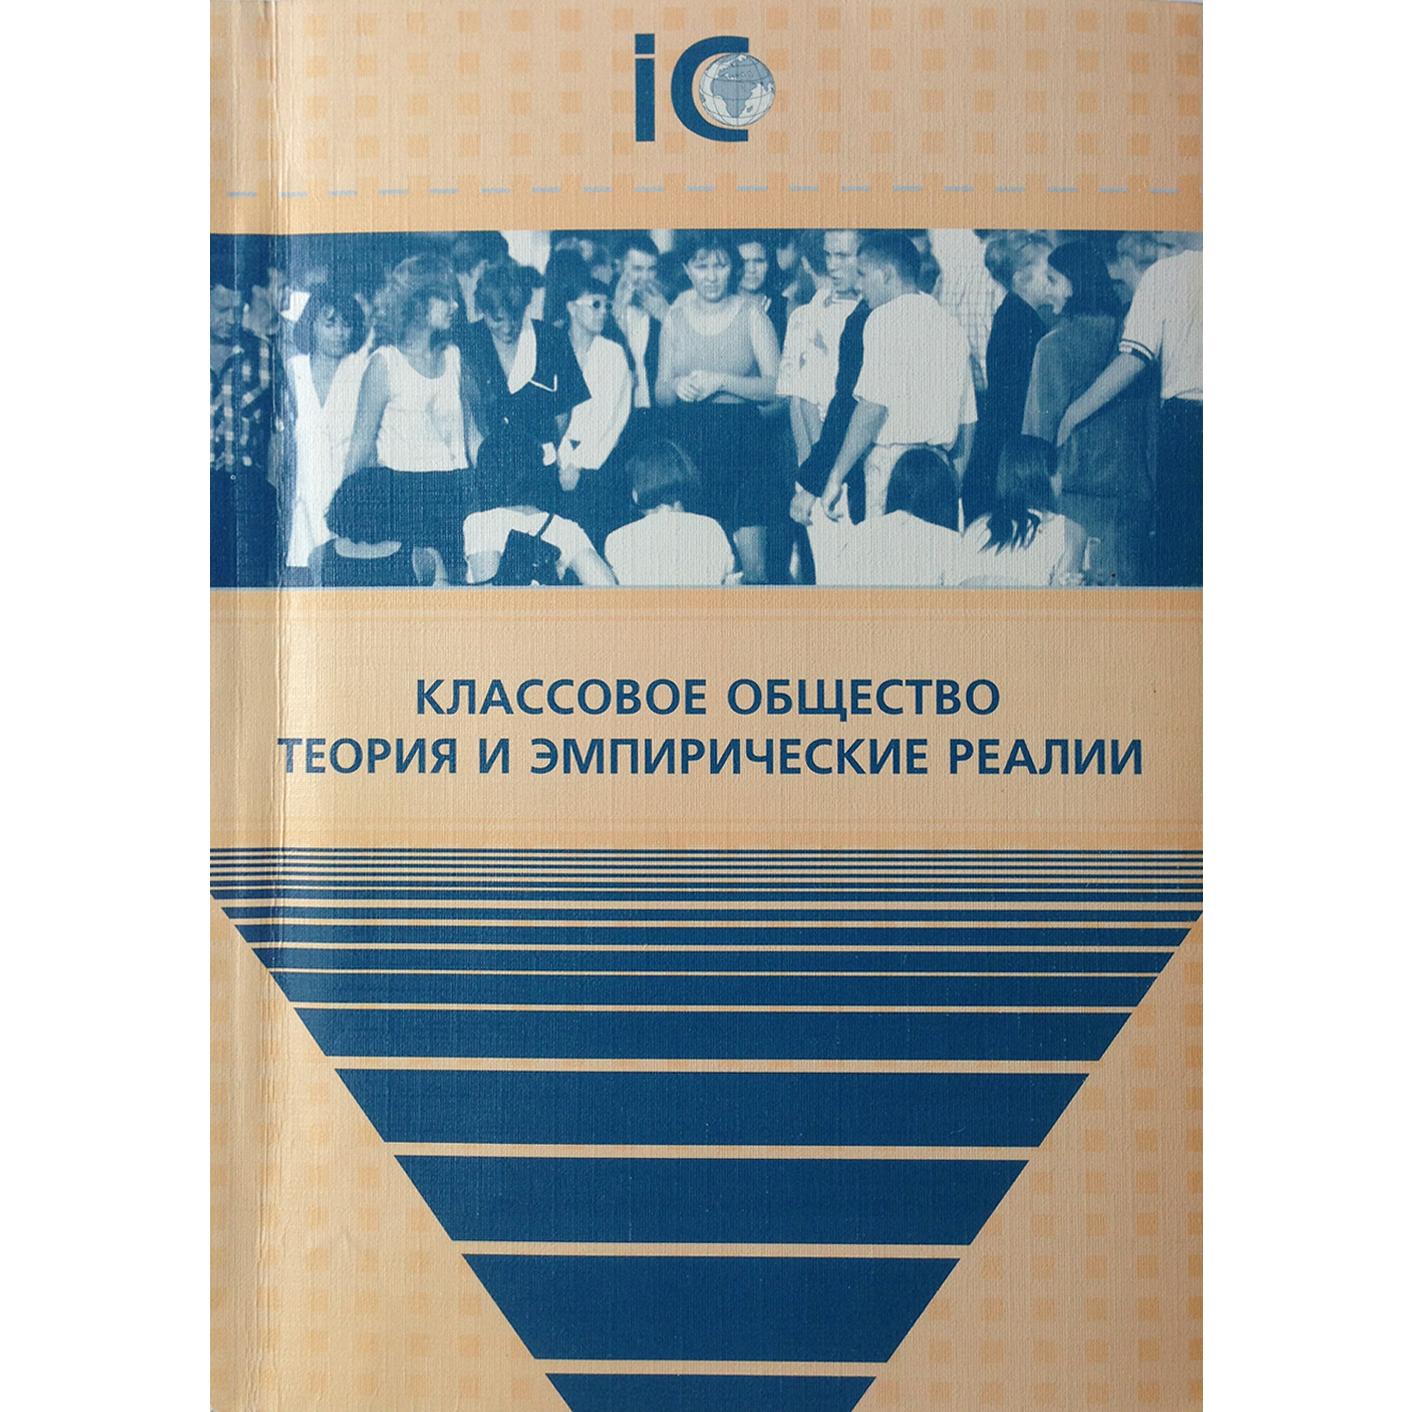 Средний класс: украинские реалии